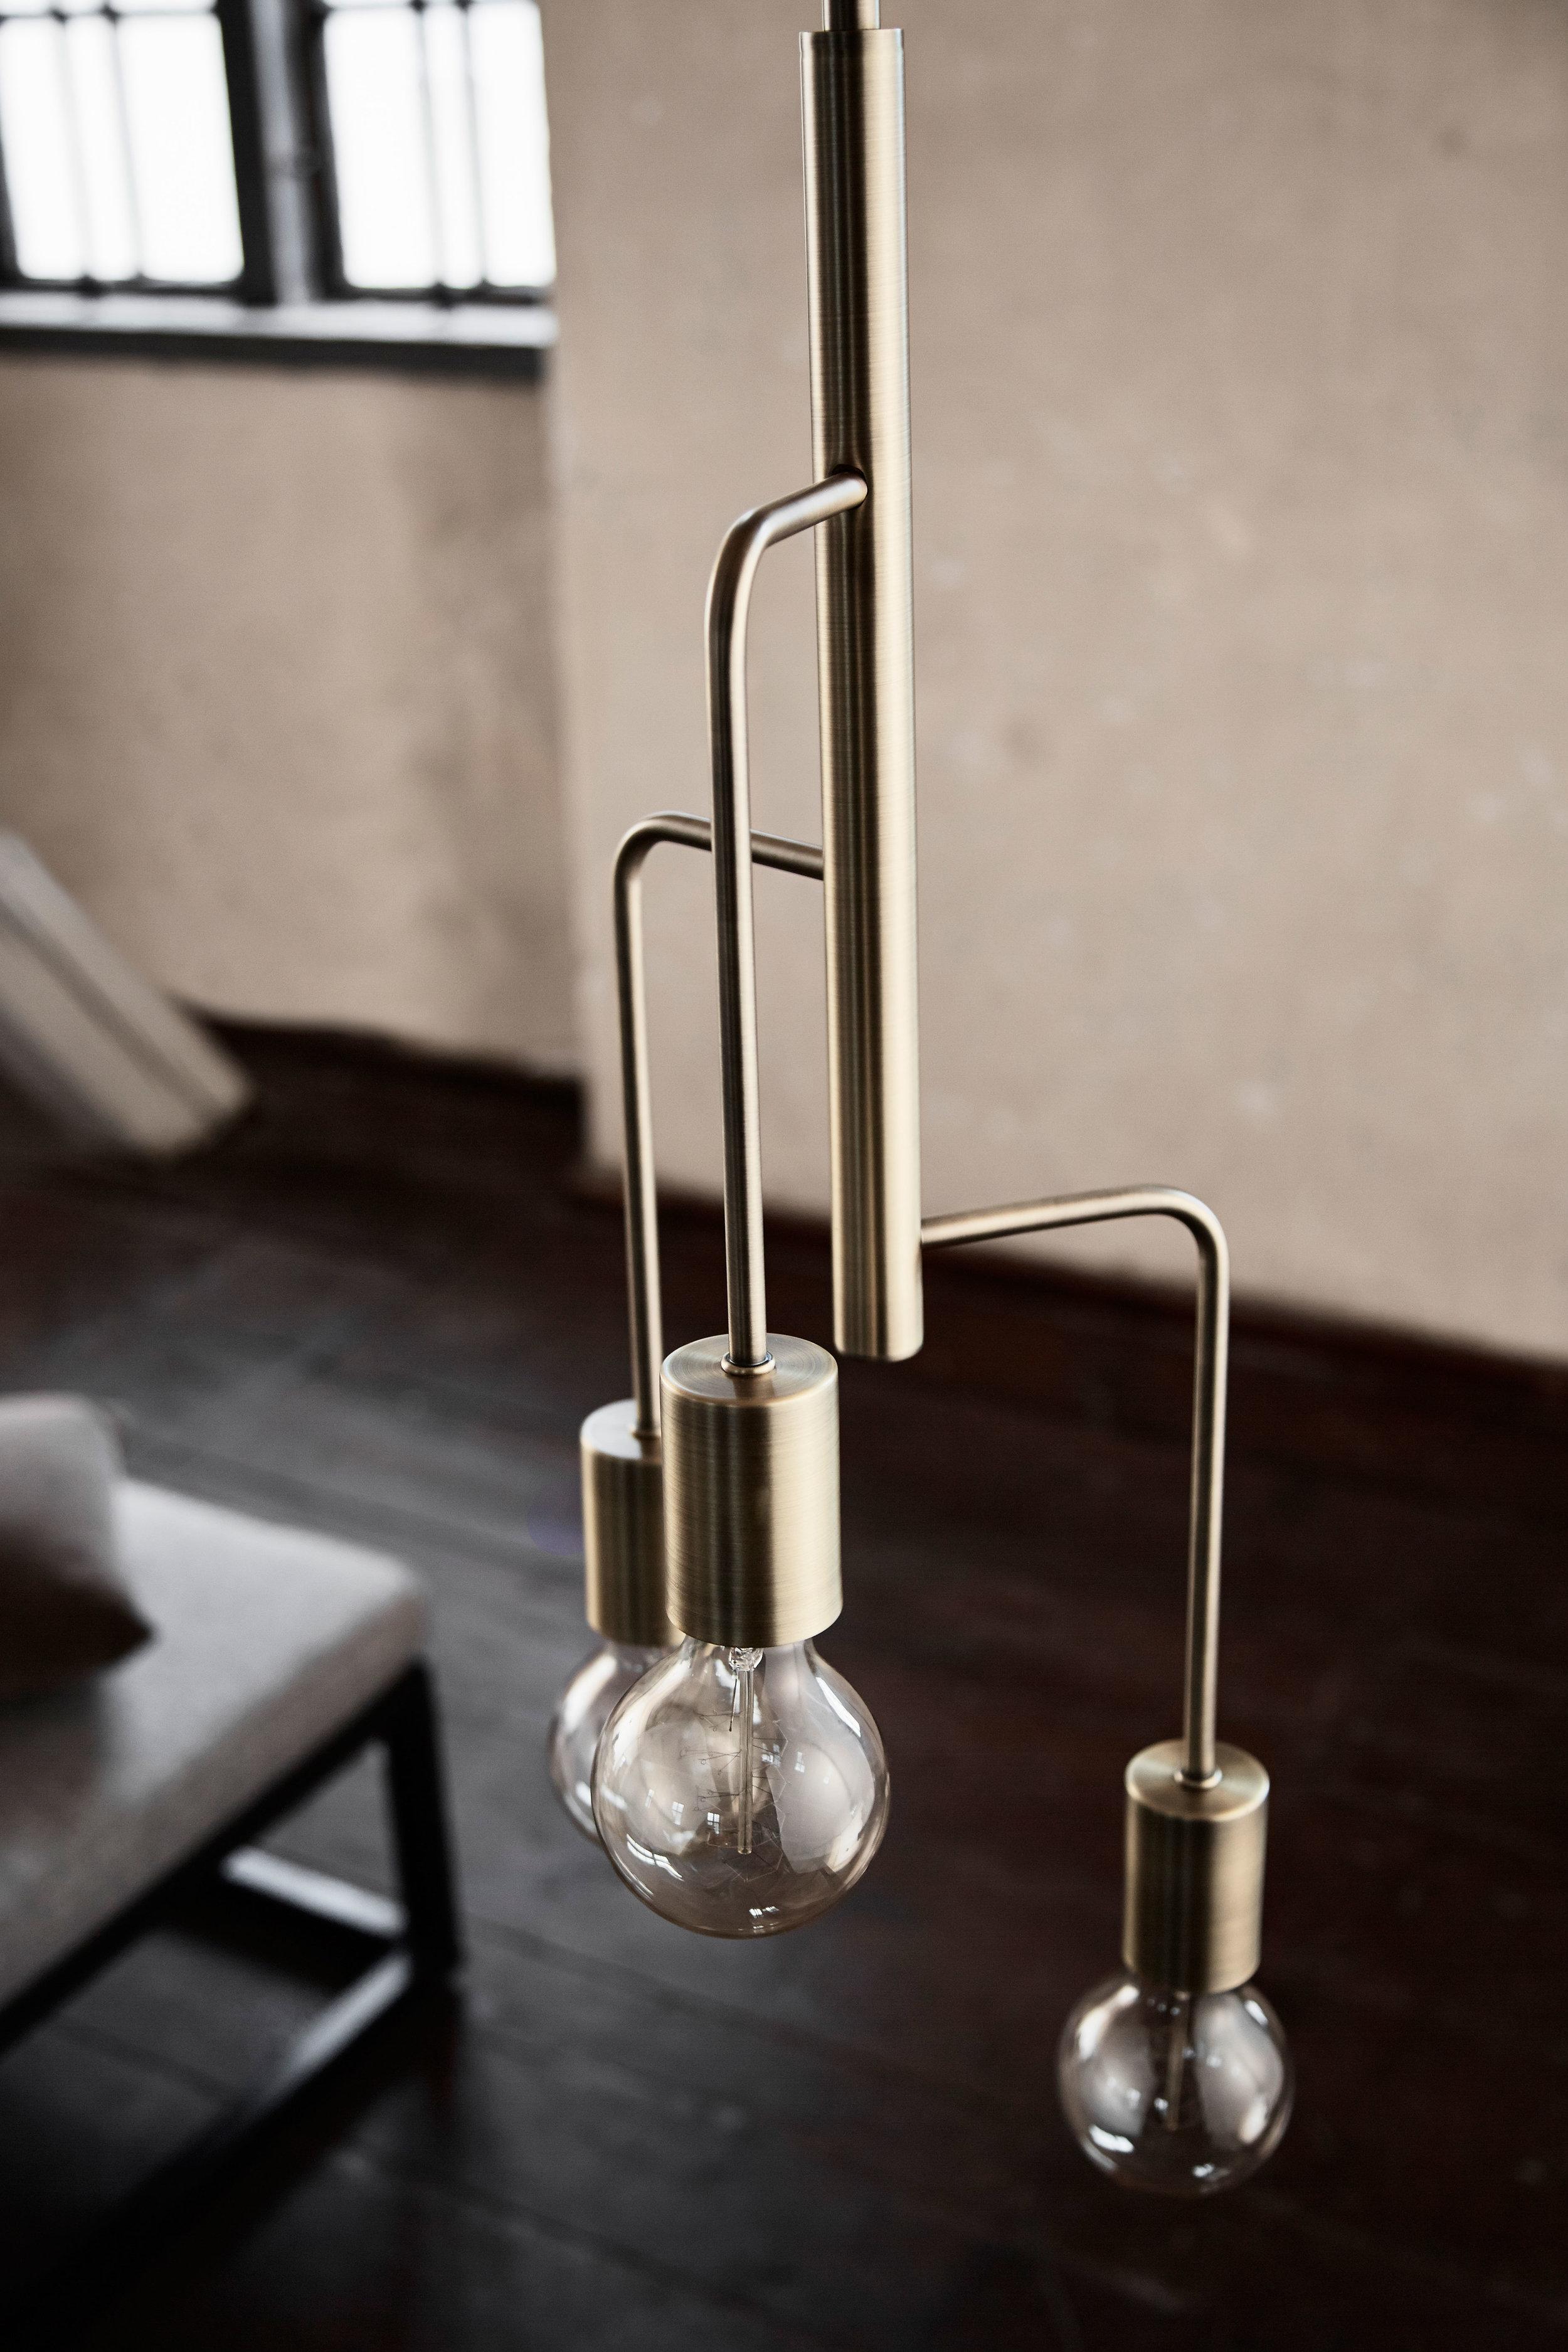 Metal chandelier with 3 arms. Dimensions: ø25 cm Variants: Brass | Black | Copper Designer: Frandsen Design Studio    MORE